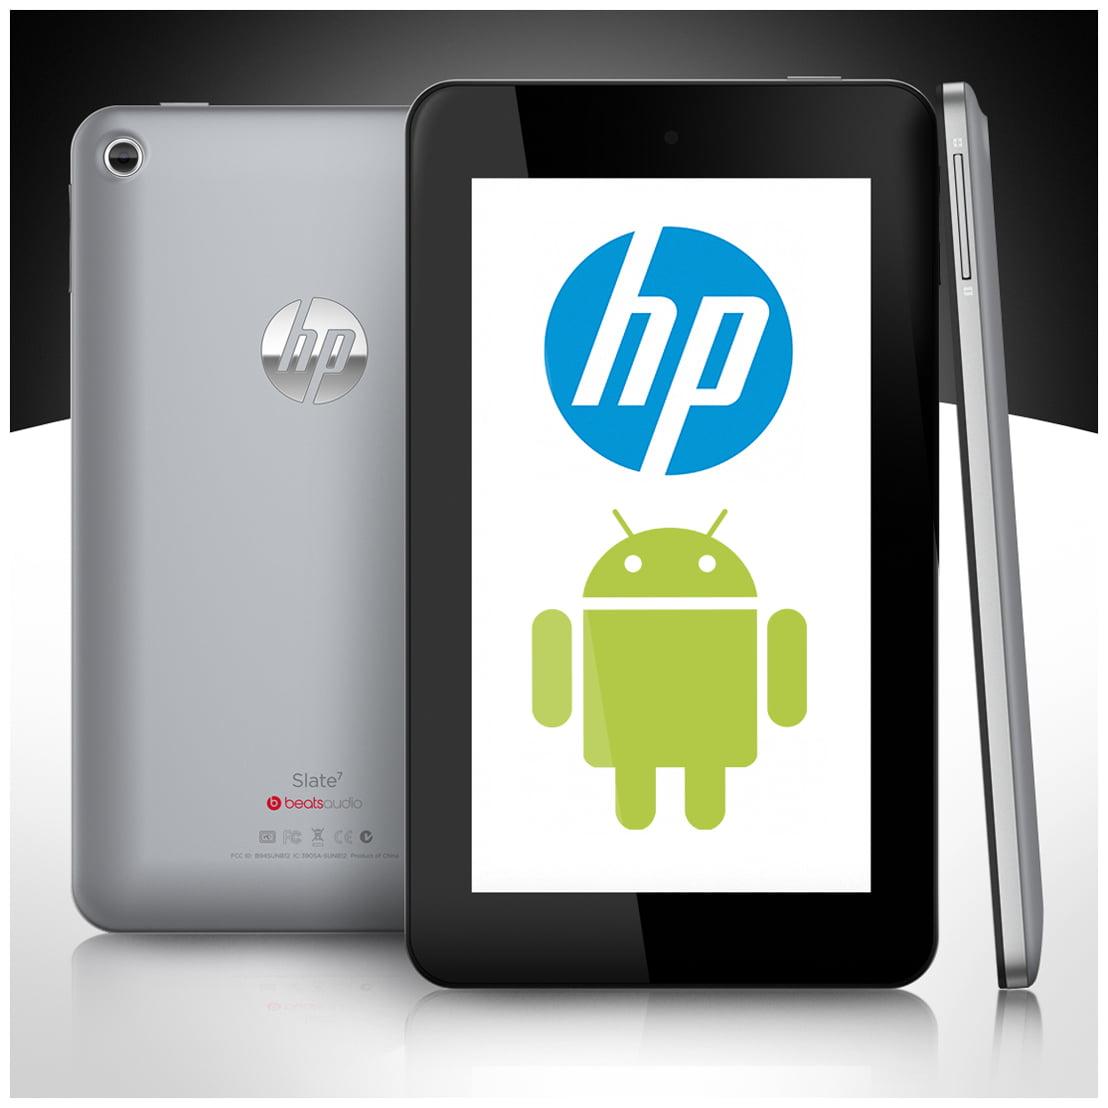 HP, Akıllı Telefon Pazarına Geri Dönüyor!